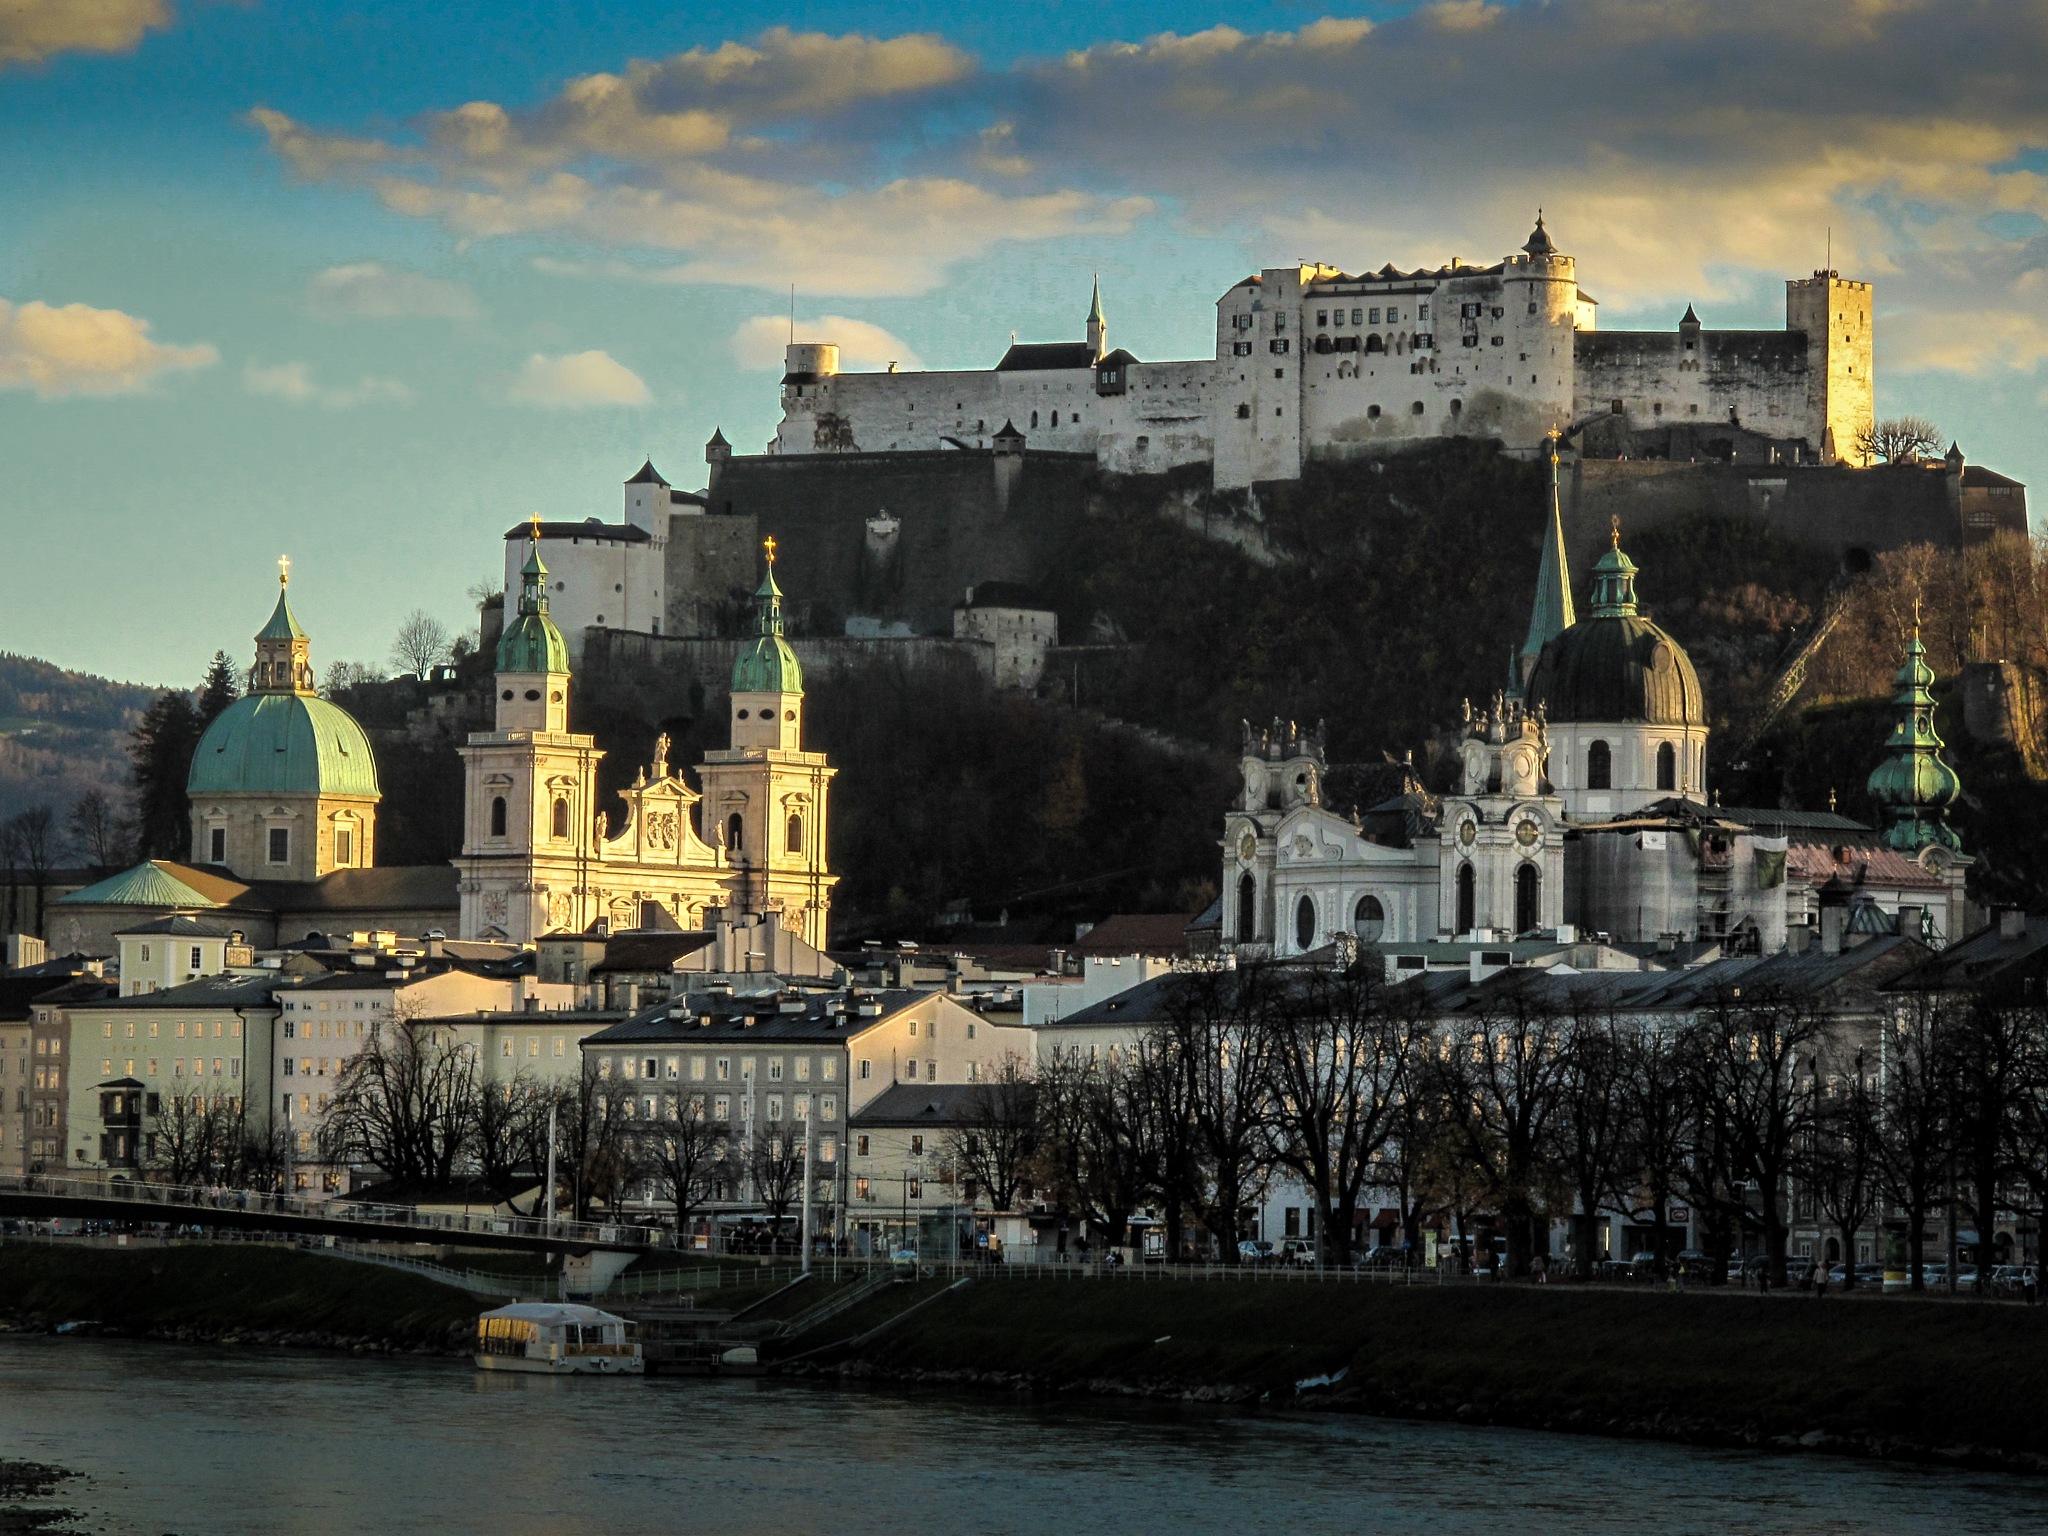 Castle of Salzburg by Jostein Eidem